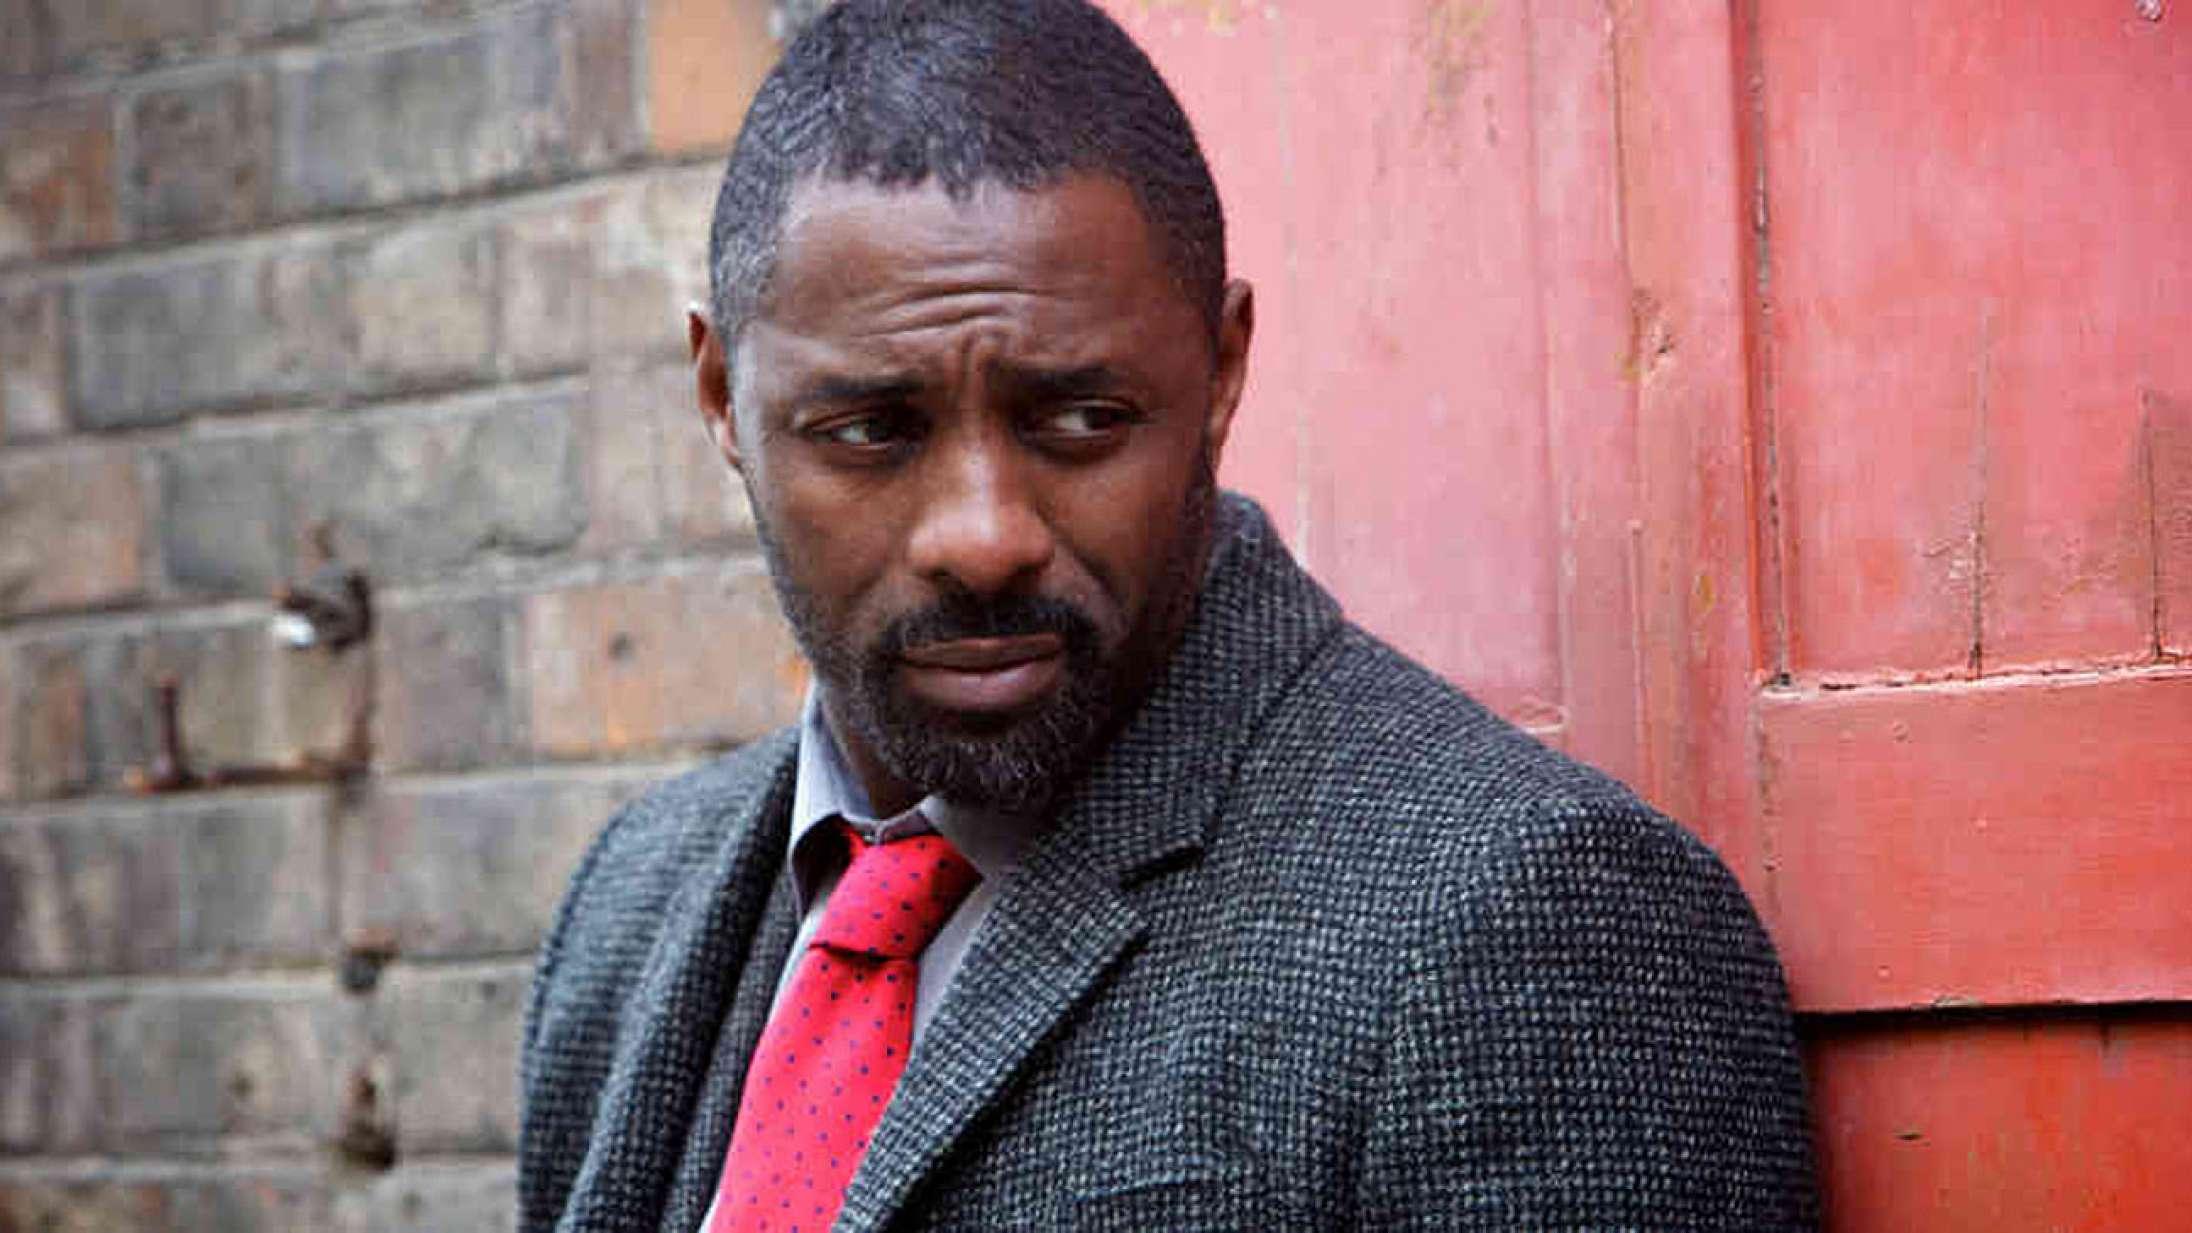 007-producer åbner døren på klem for Idris Elba som næste James Bond